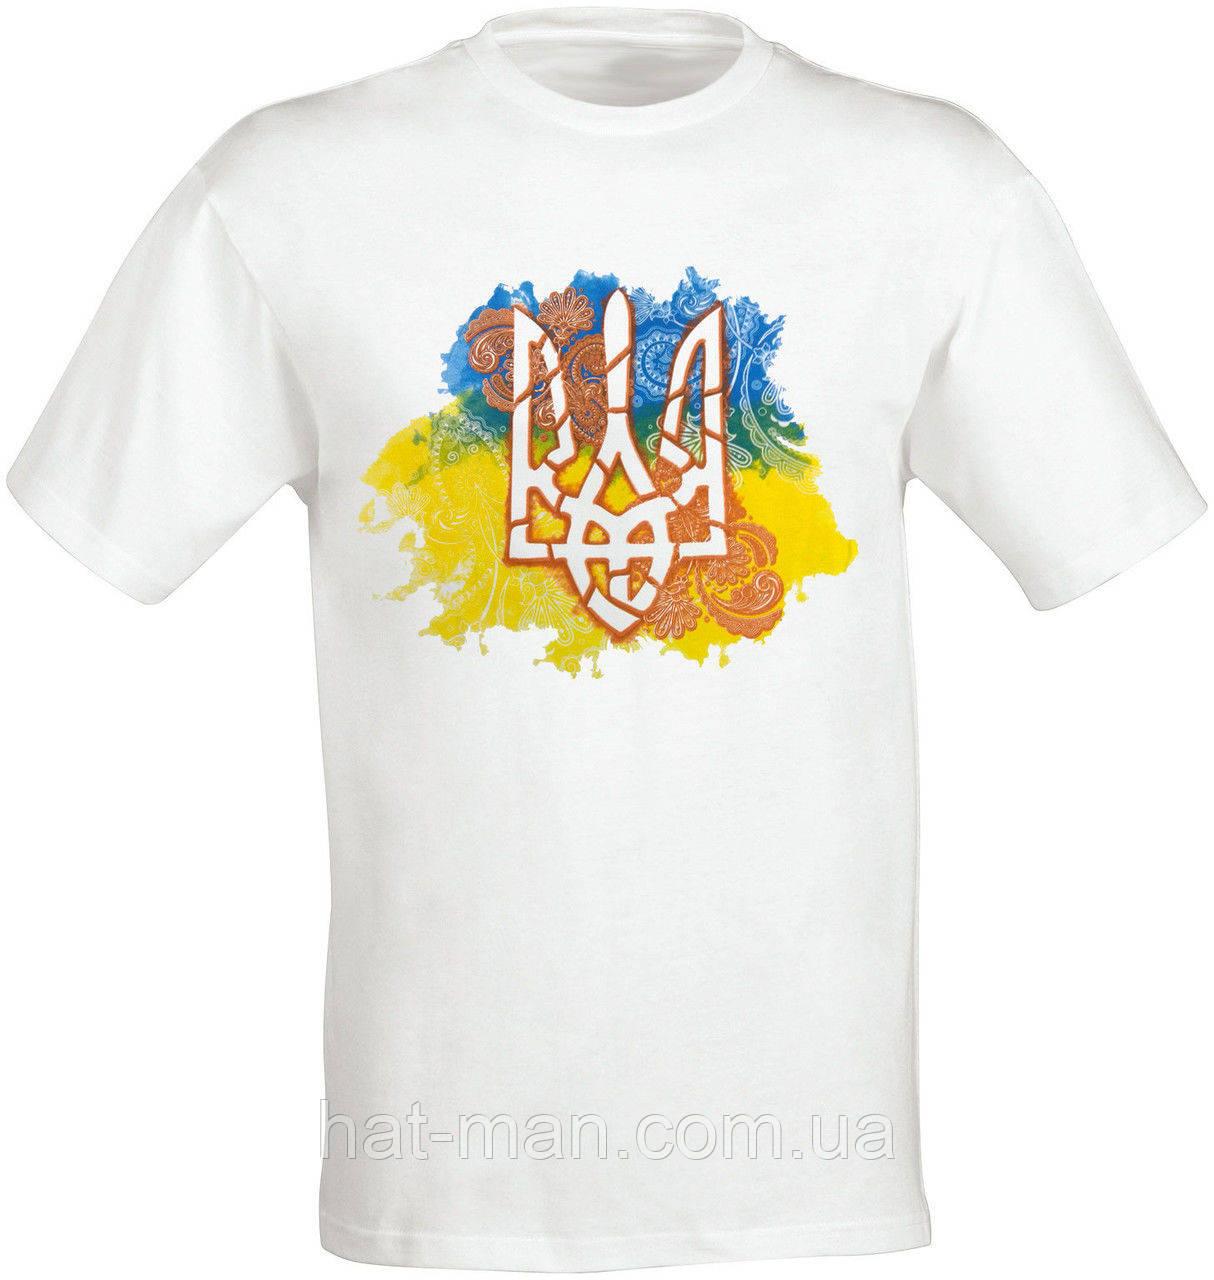 Футболка з українською символікою